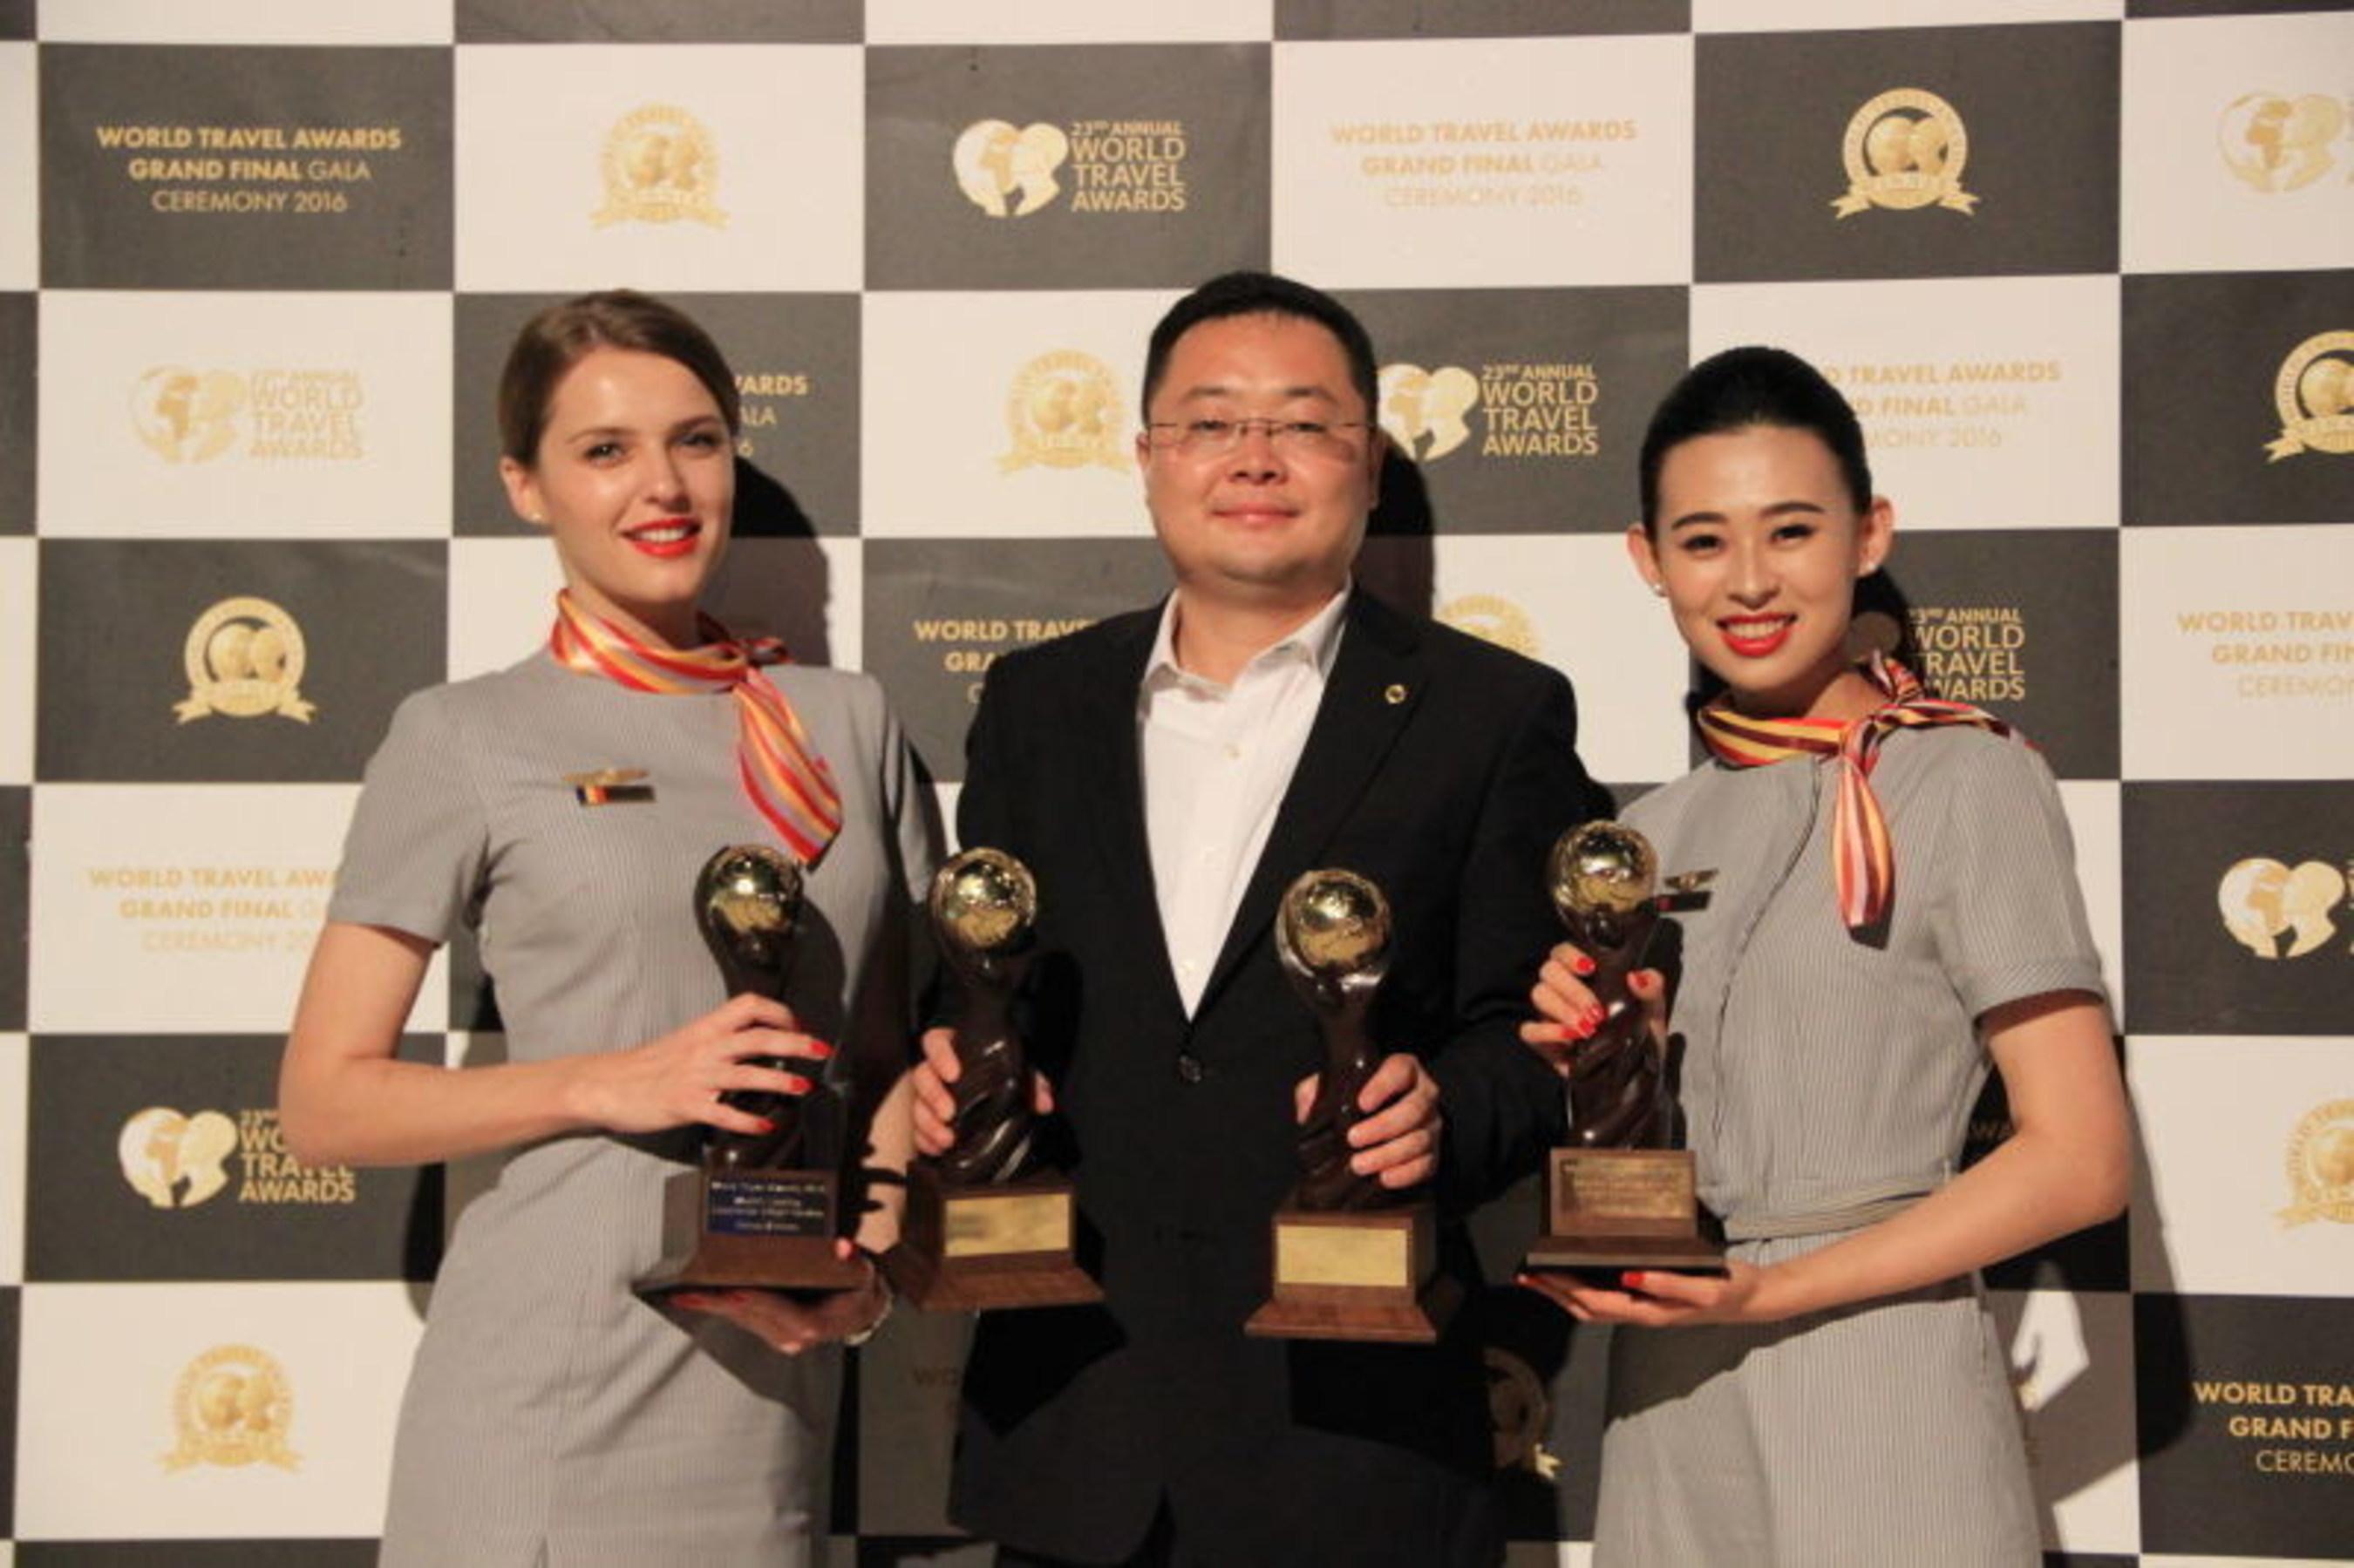 Hainan Airlines wins WTA awards